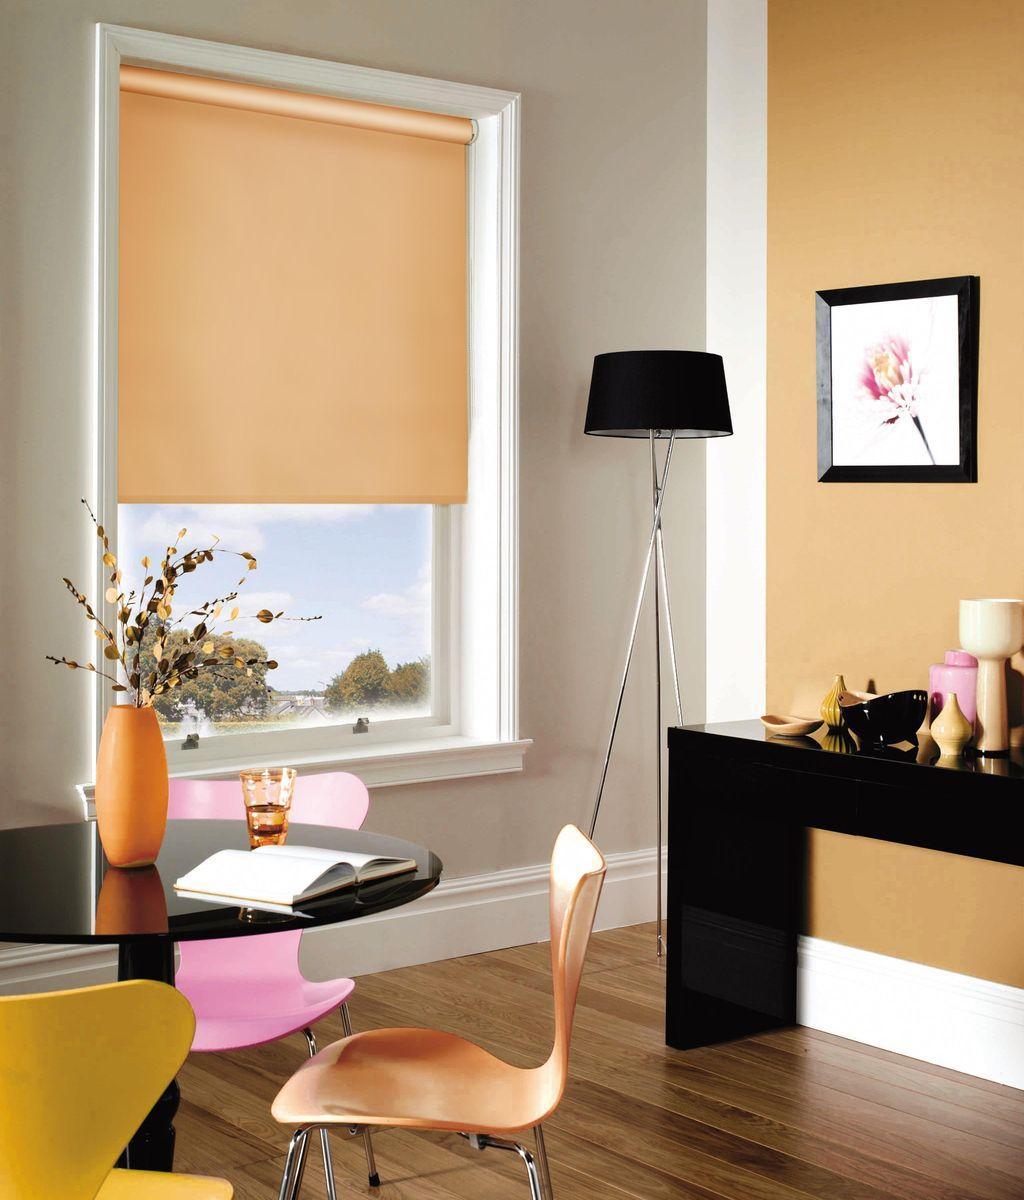 Штора рулонная Эскар, цвет: абрикосовый, ширина 140 см, высота 170 см80621Рулонными шторами Эскар можно оформлять окна как самостоятельно, так и использовать в комбинации с портьерами. Это поможет предотвратить выгорание дорогой ткани на солнце и соединит функционал рулонных с красотой навесных. Преимущества применения рулонных штор для пластиковых окон: - имеют прекрасный внешний вид: многообразие и фактурность материала изделия отлично смотрятся в любом интерьере;- многофункциональны: есть возможность подобрать шторы способные эффективно защитить комнату от солнца, при этом она не будет слишком темной;- есть возможность осуществить быстрый монтаж.ВНИМАНИЕ! Размеры ширины изделия указаны по ширине ткани! Во время эксплуатации не рекомендуется полностью разматывать рулон, чтобы не оторвать ткань от намоточного вала. В случае загрязнения поверхности ткани, чистку шторы проводят одним из способов, в зависимости от типа загрязнения:легкое поверхностное загрязнение можно удалить при помощи канцелярского ластика;чистка от пыли производится сухим методом при помощи пылесоса с мягкой щеткой-насадкой;для удаления пятна используйте мягкую губку с пенообразующим неагрессивным моющим средством или пятновыводитель на натуральной основе (нельзя применять растворители).